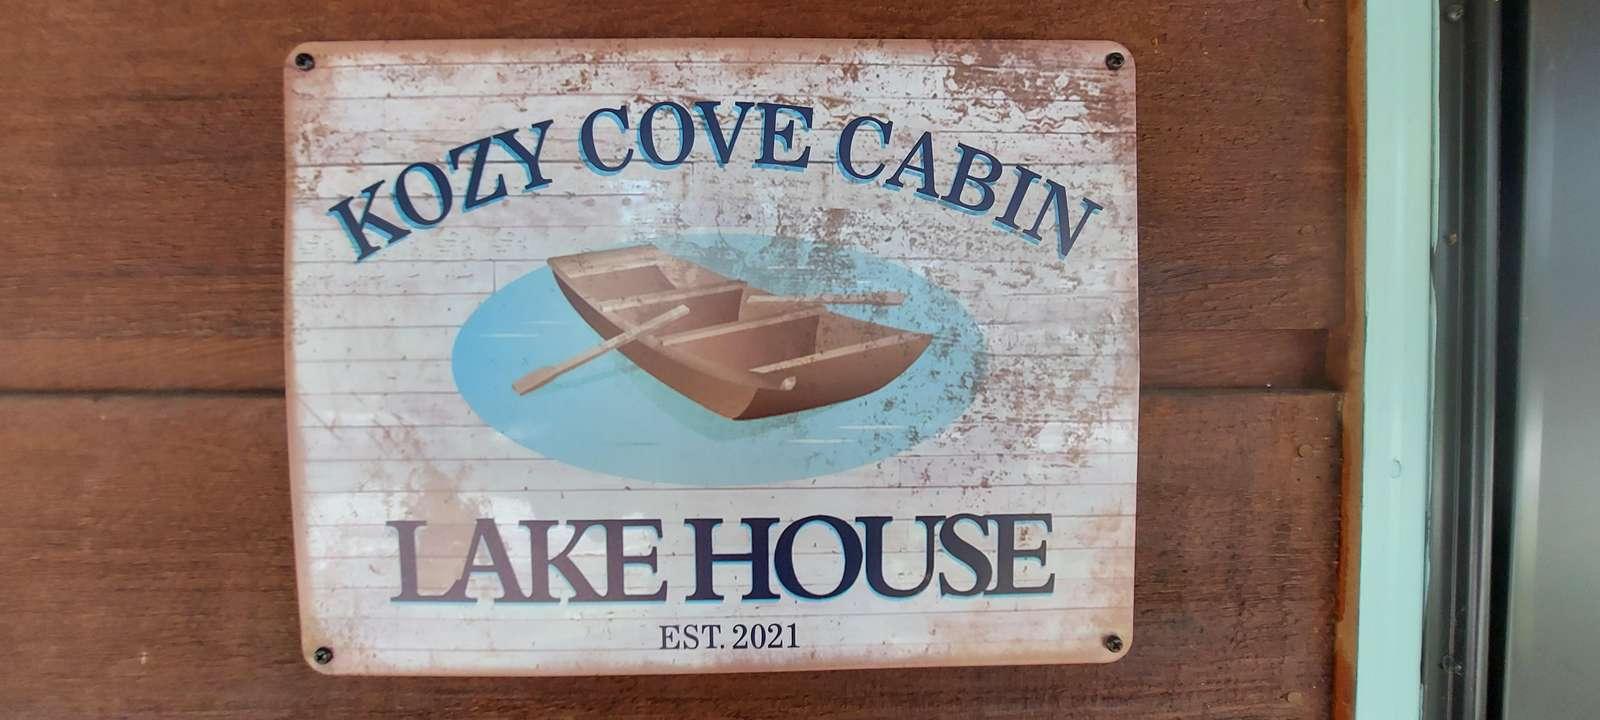 Kozy Cove Cabin - property